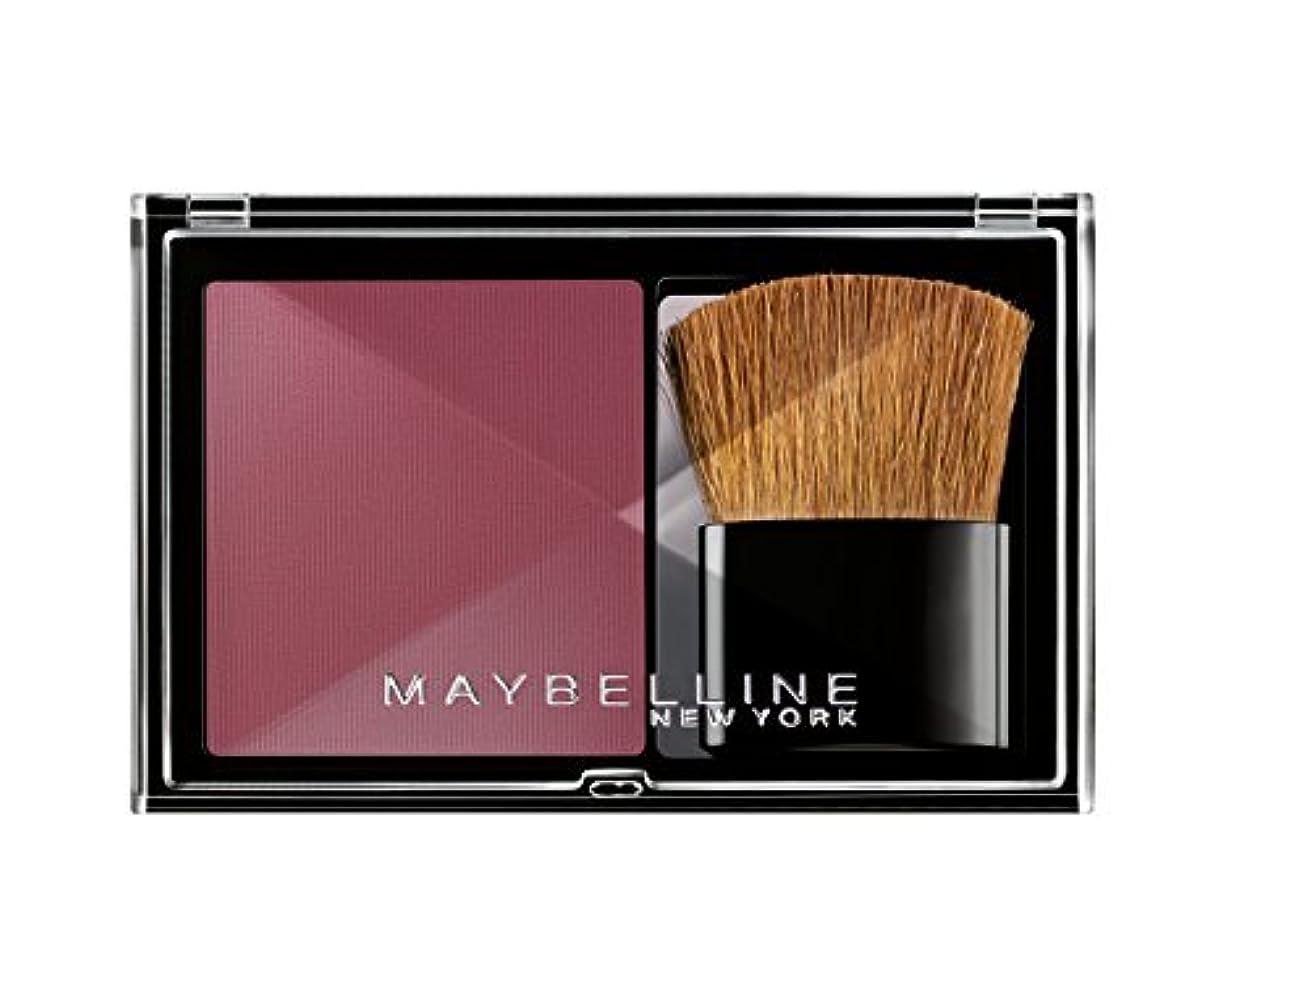 一般的に言えば口径鎮静剤Maybelline Expertwear Blush - Flash Plum (Number 79) by Maybelline